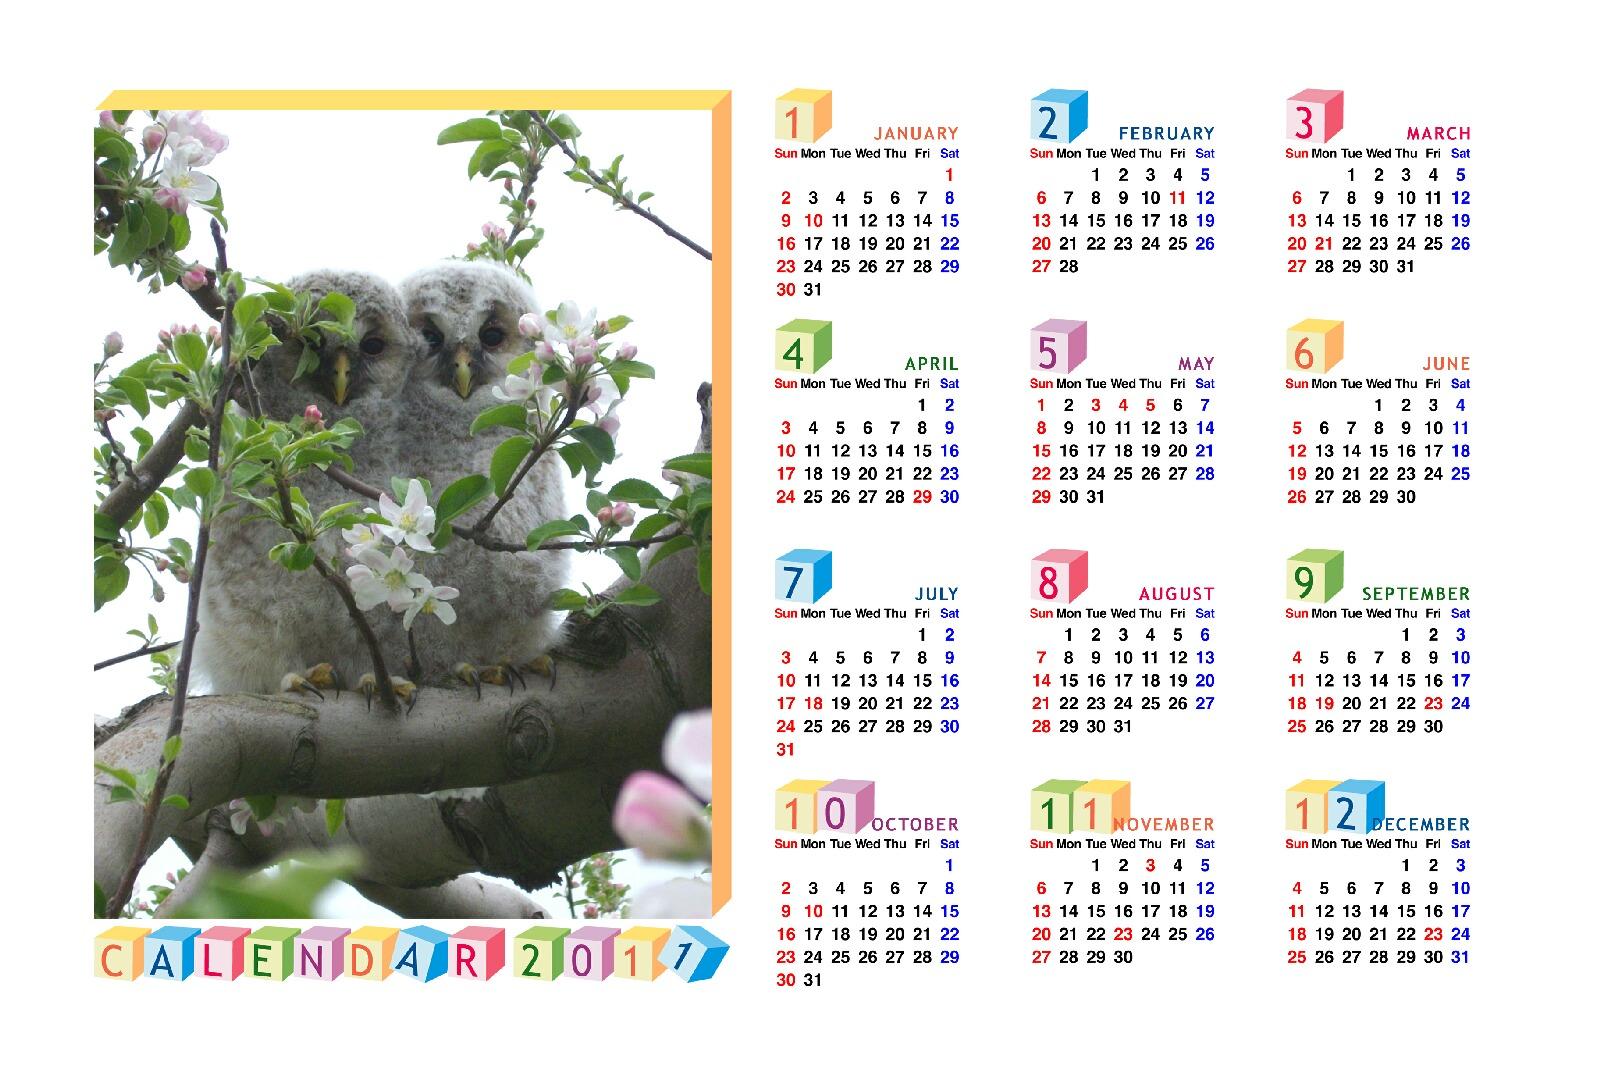 カレンダー カレンダー 1年 : 2011年 カレンダー壁紙 : 2011年 ...